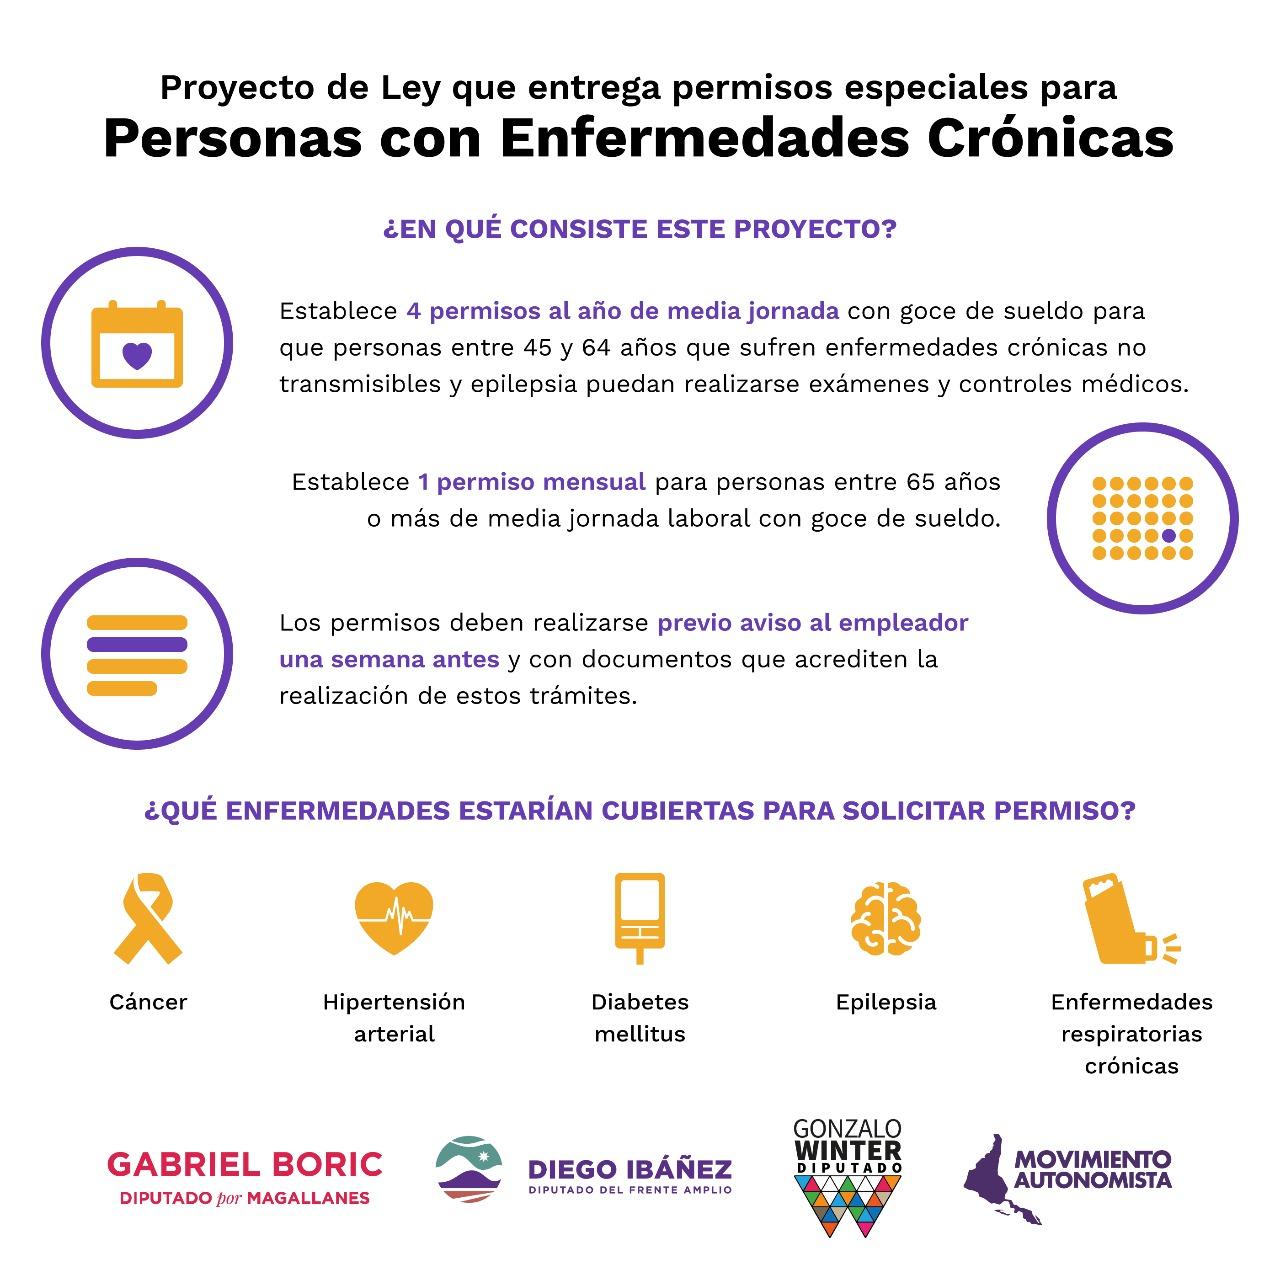 Diputados Autonomistas ingresarán Proyecto de Ley para otorgar permisos a trabajadores con enfermedades crónicas